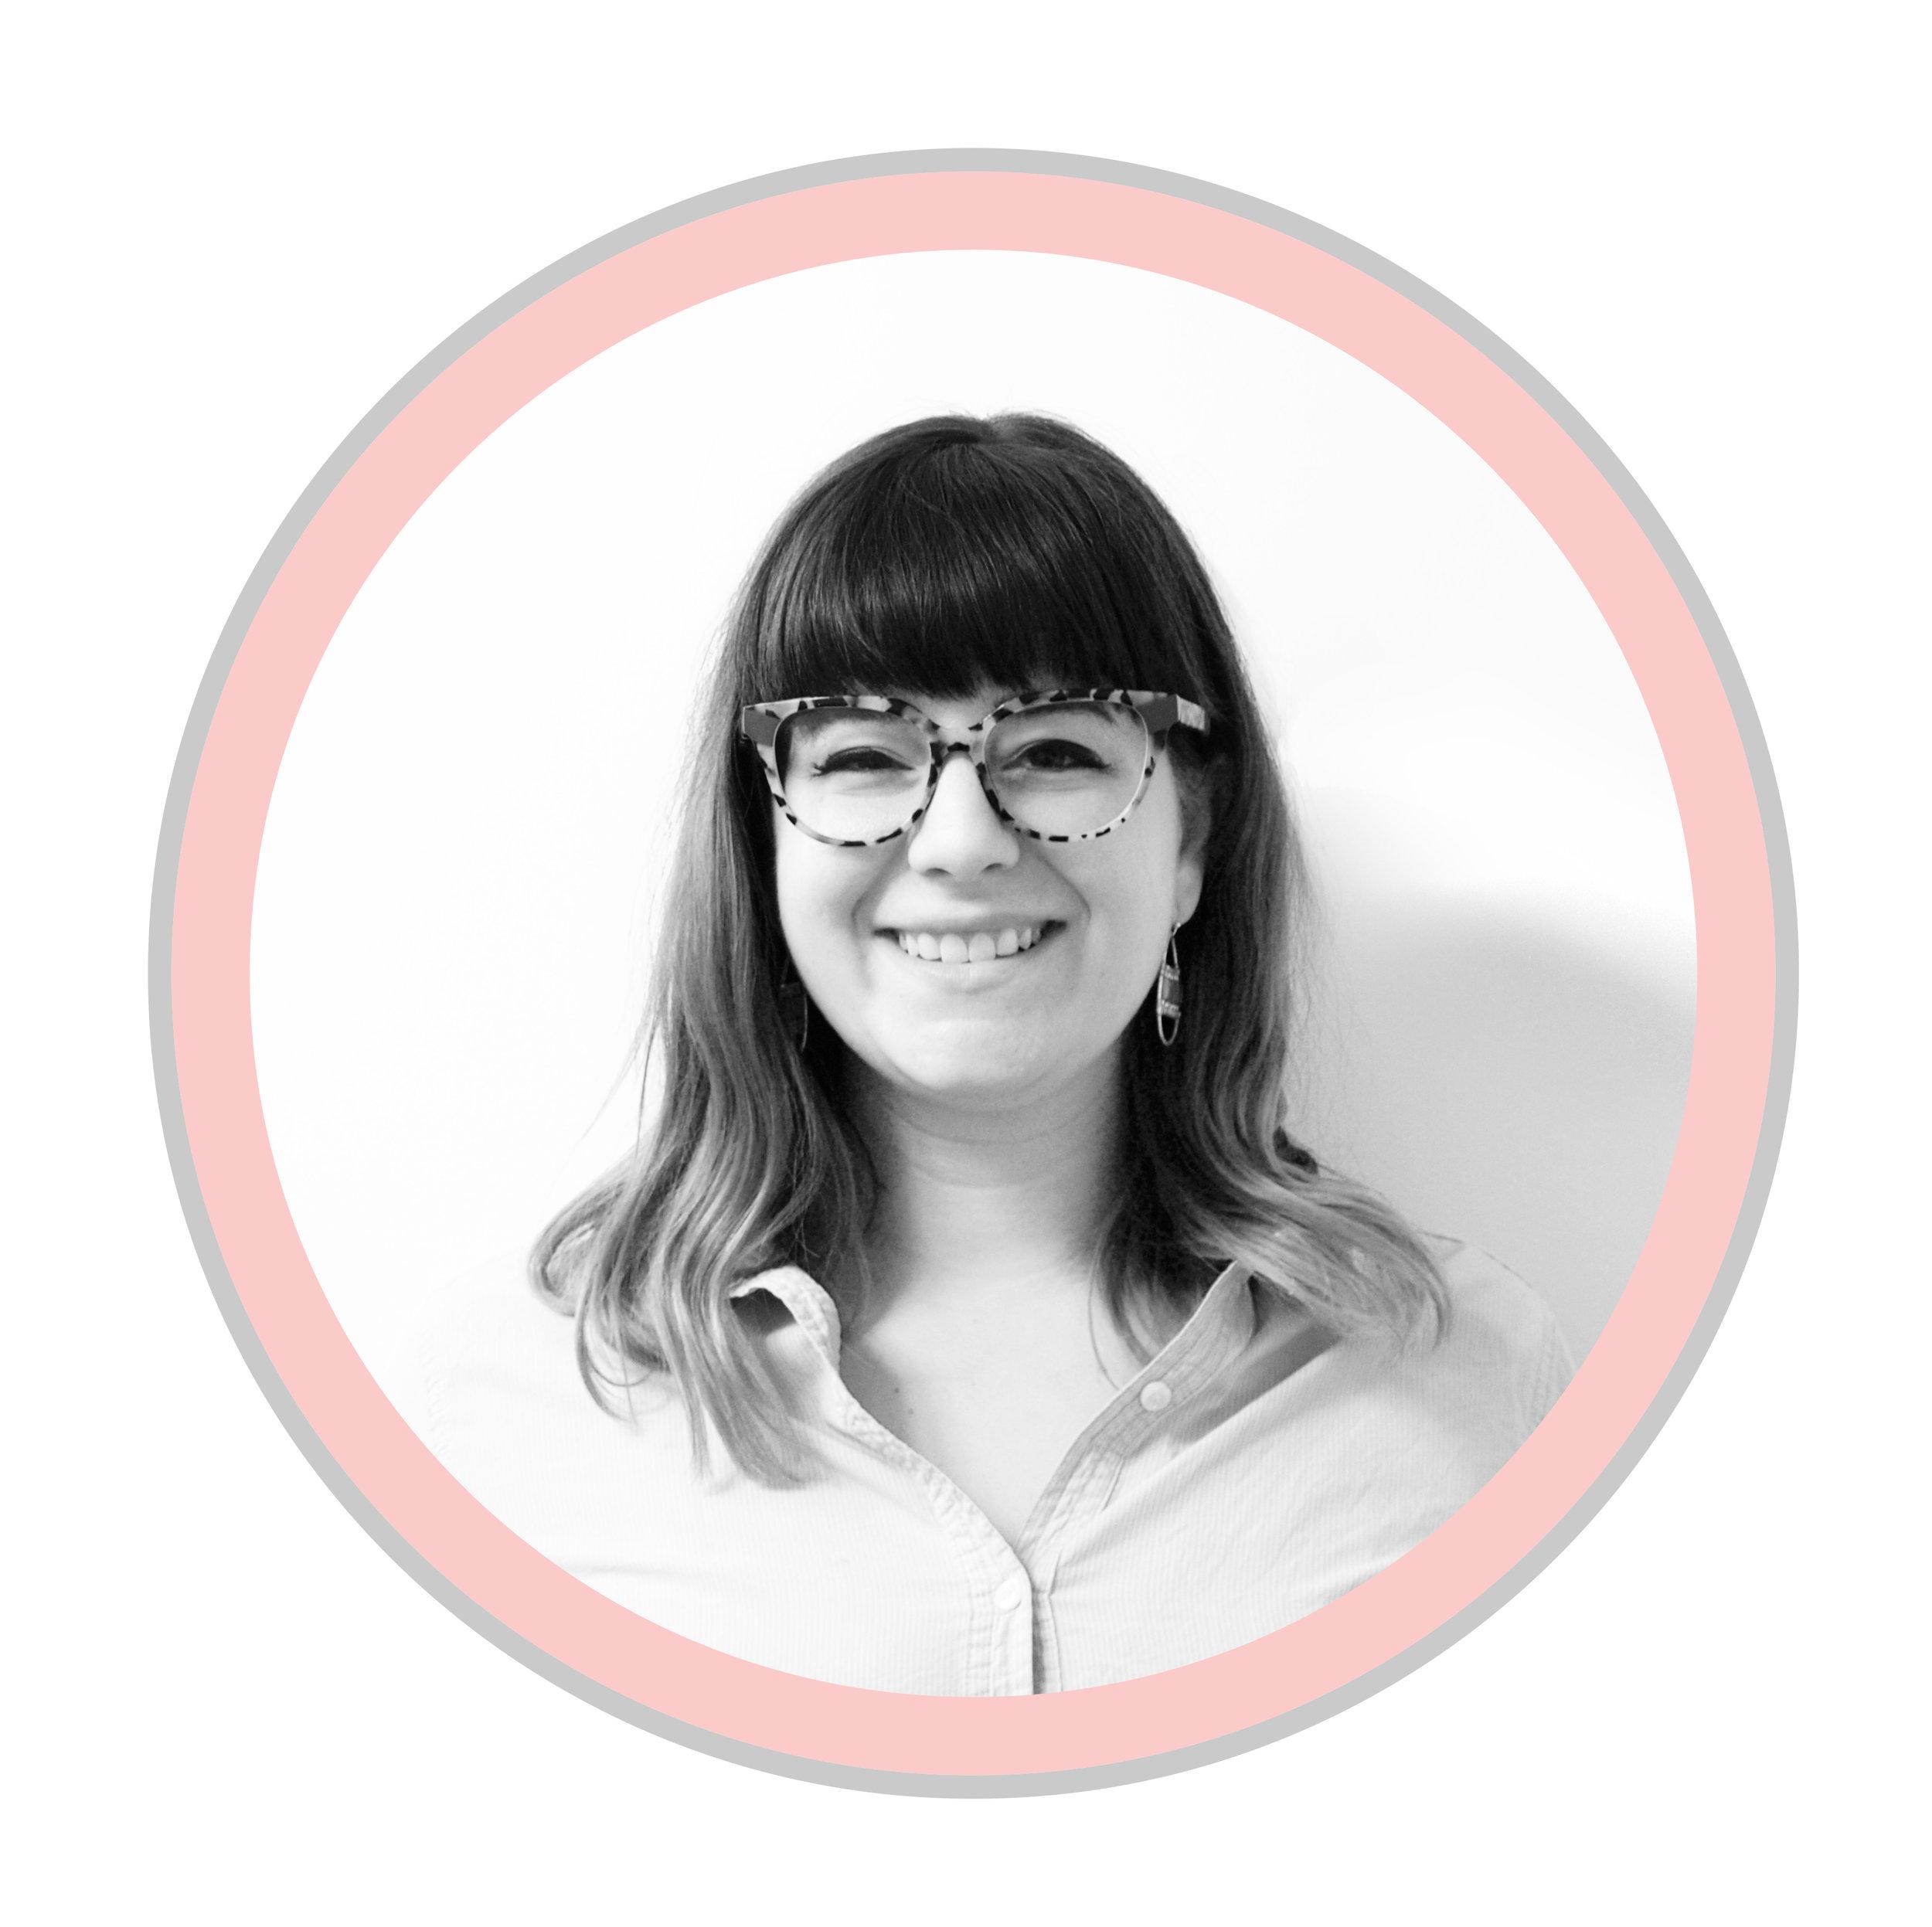 SAM RUESCH   Recherches et évaluations   Diplômée de l'Université Concordia en anthropologie axée sur la relation entre l'identité, la culture et la politique, Sam s'est retrouvée dans l'industrie des technologies du secteur privé après l'obtention de son diplôme. Là, elle a développé les processus et la structure pour évaluer des initiatives et projets sociaux. Ayant toujours voulu aligner son travail avec ses valeurs personnelles, Sam a récemment opté pour L'apathie c'est plate où elle apprécie l'impact social de nos projets et de nos principes. Quand elle ne travaille pas Sam adore les étudier les données et le trivia.